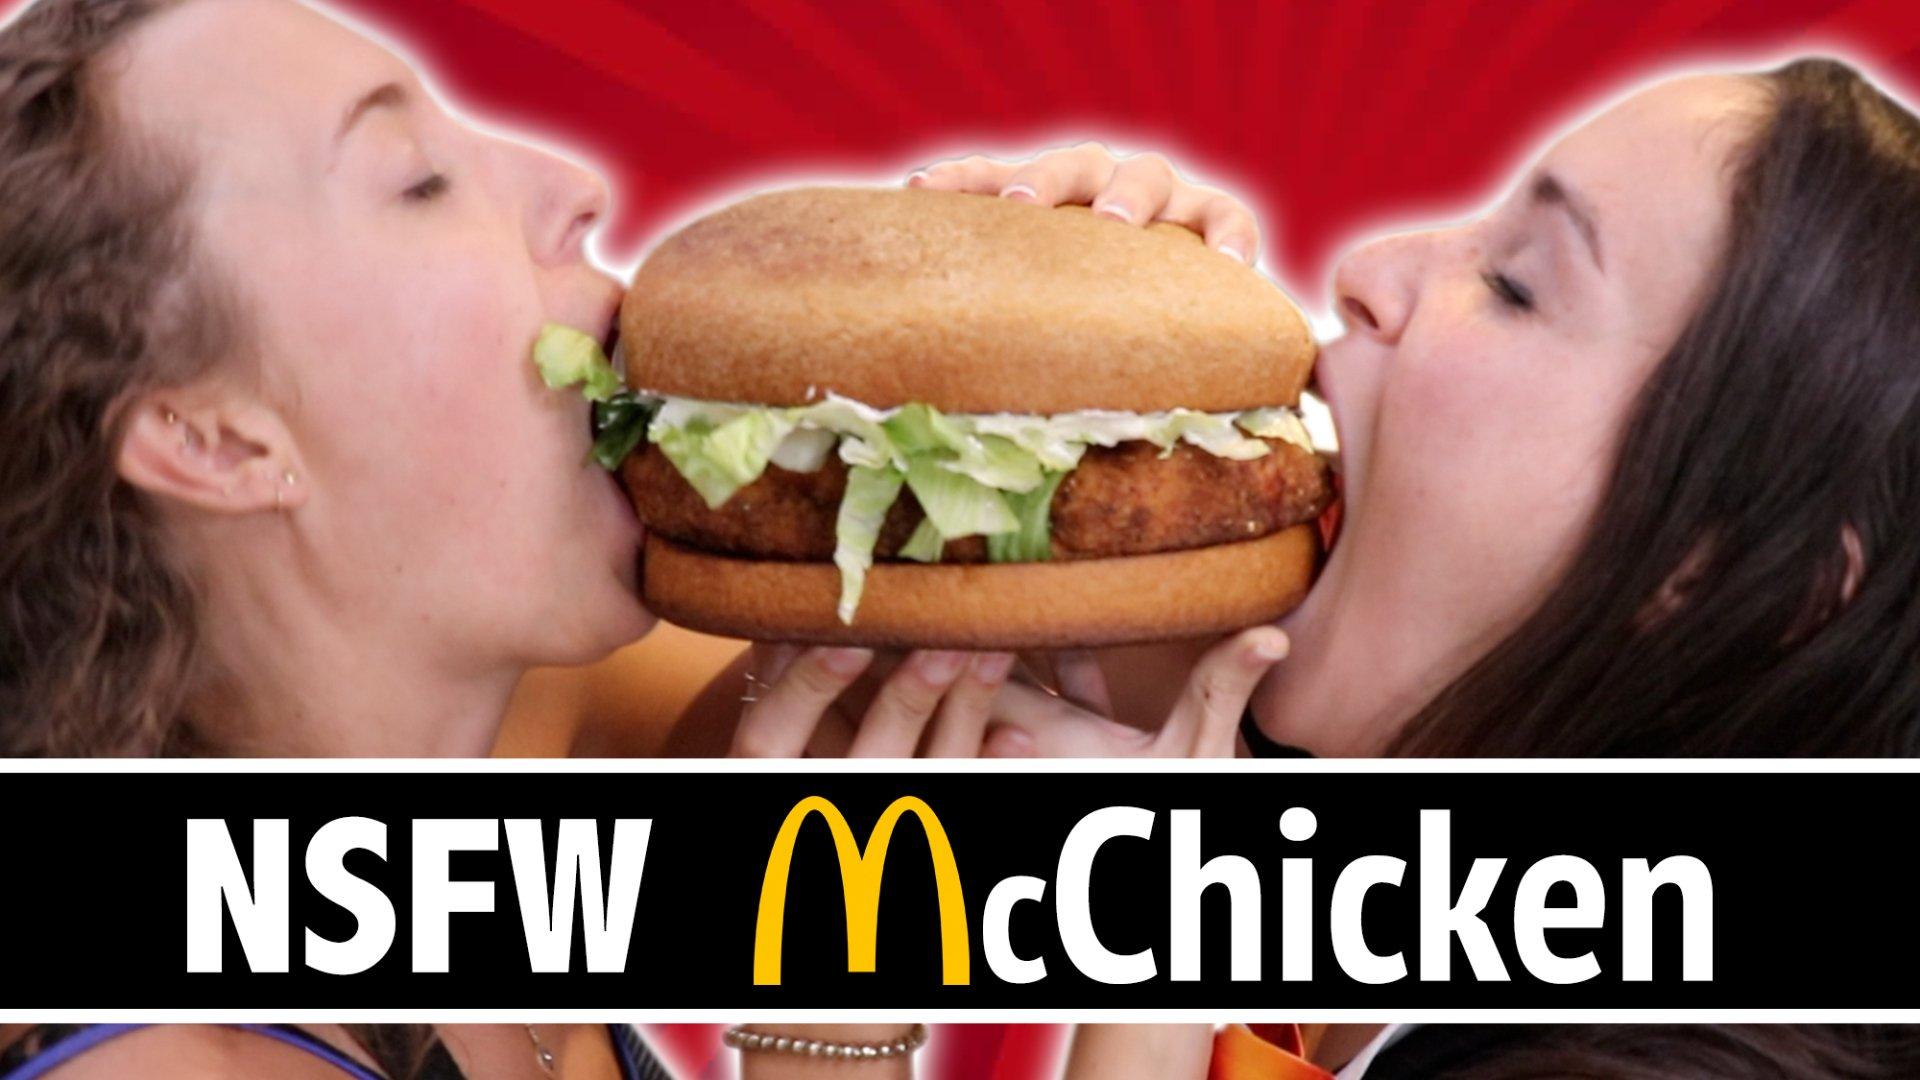 Mc-Chicken-sandwich